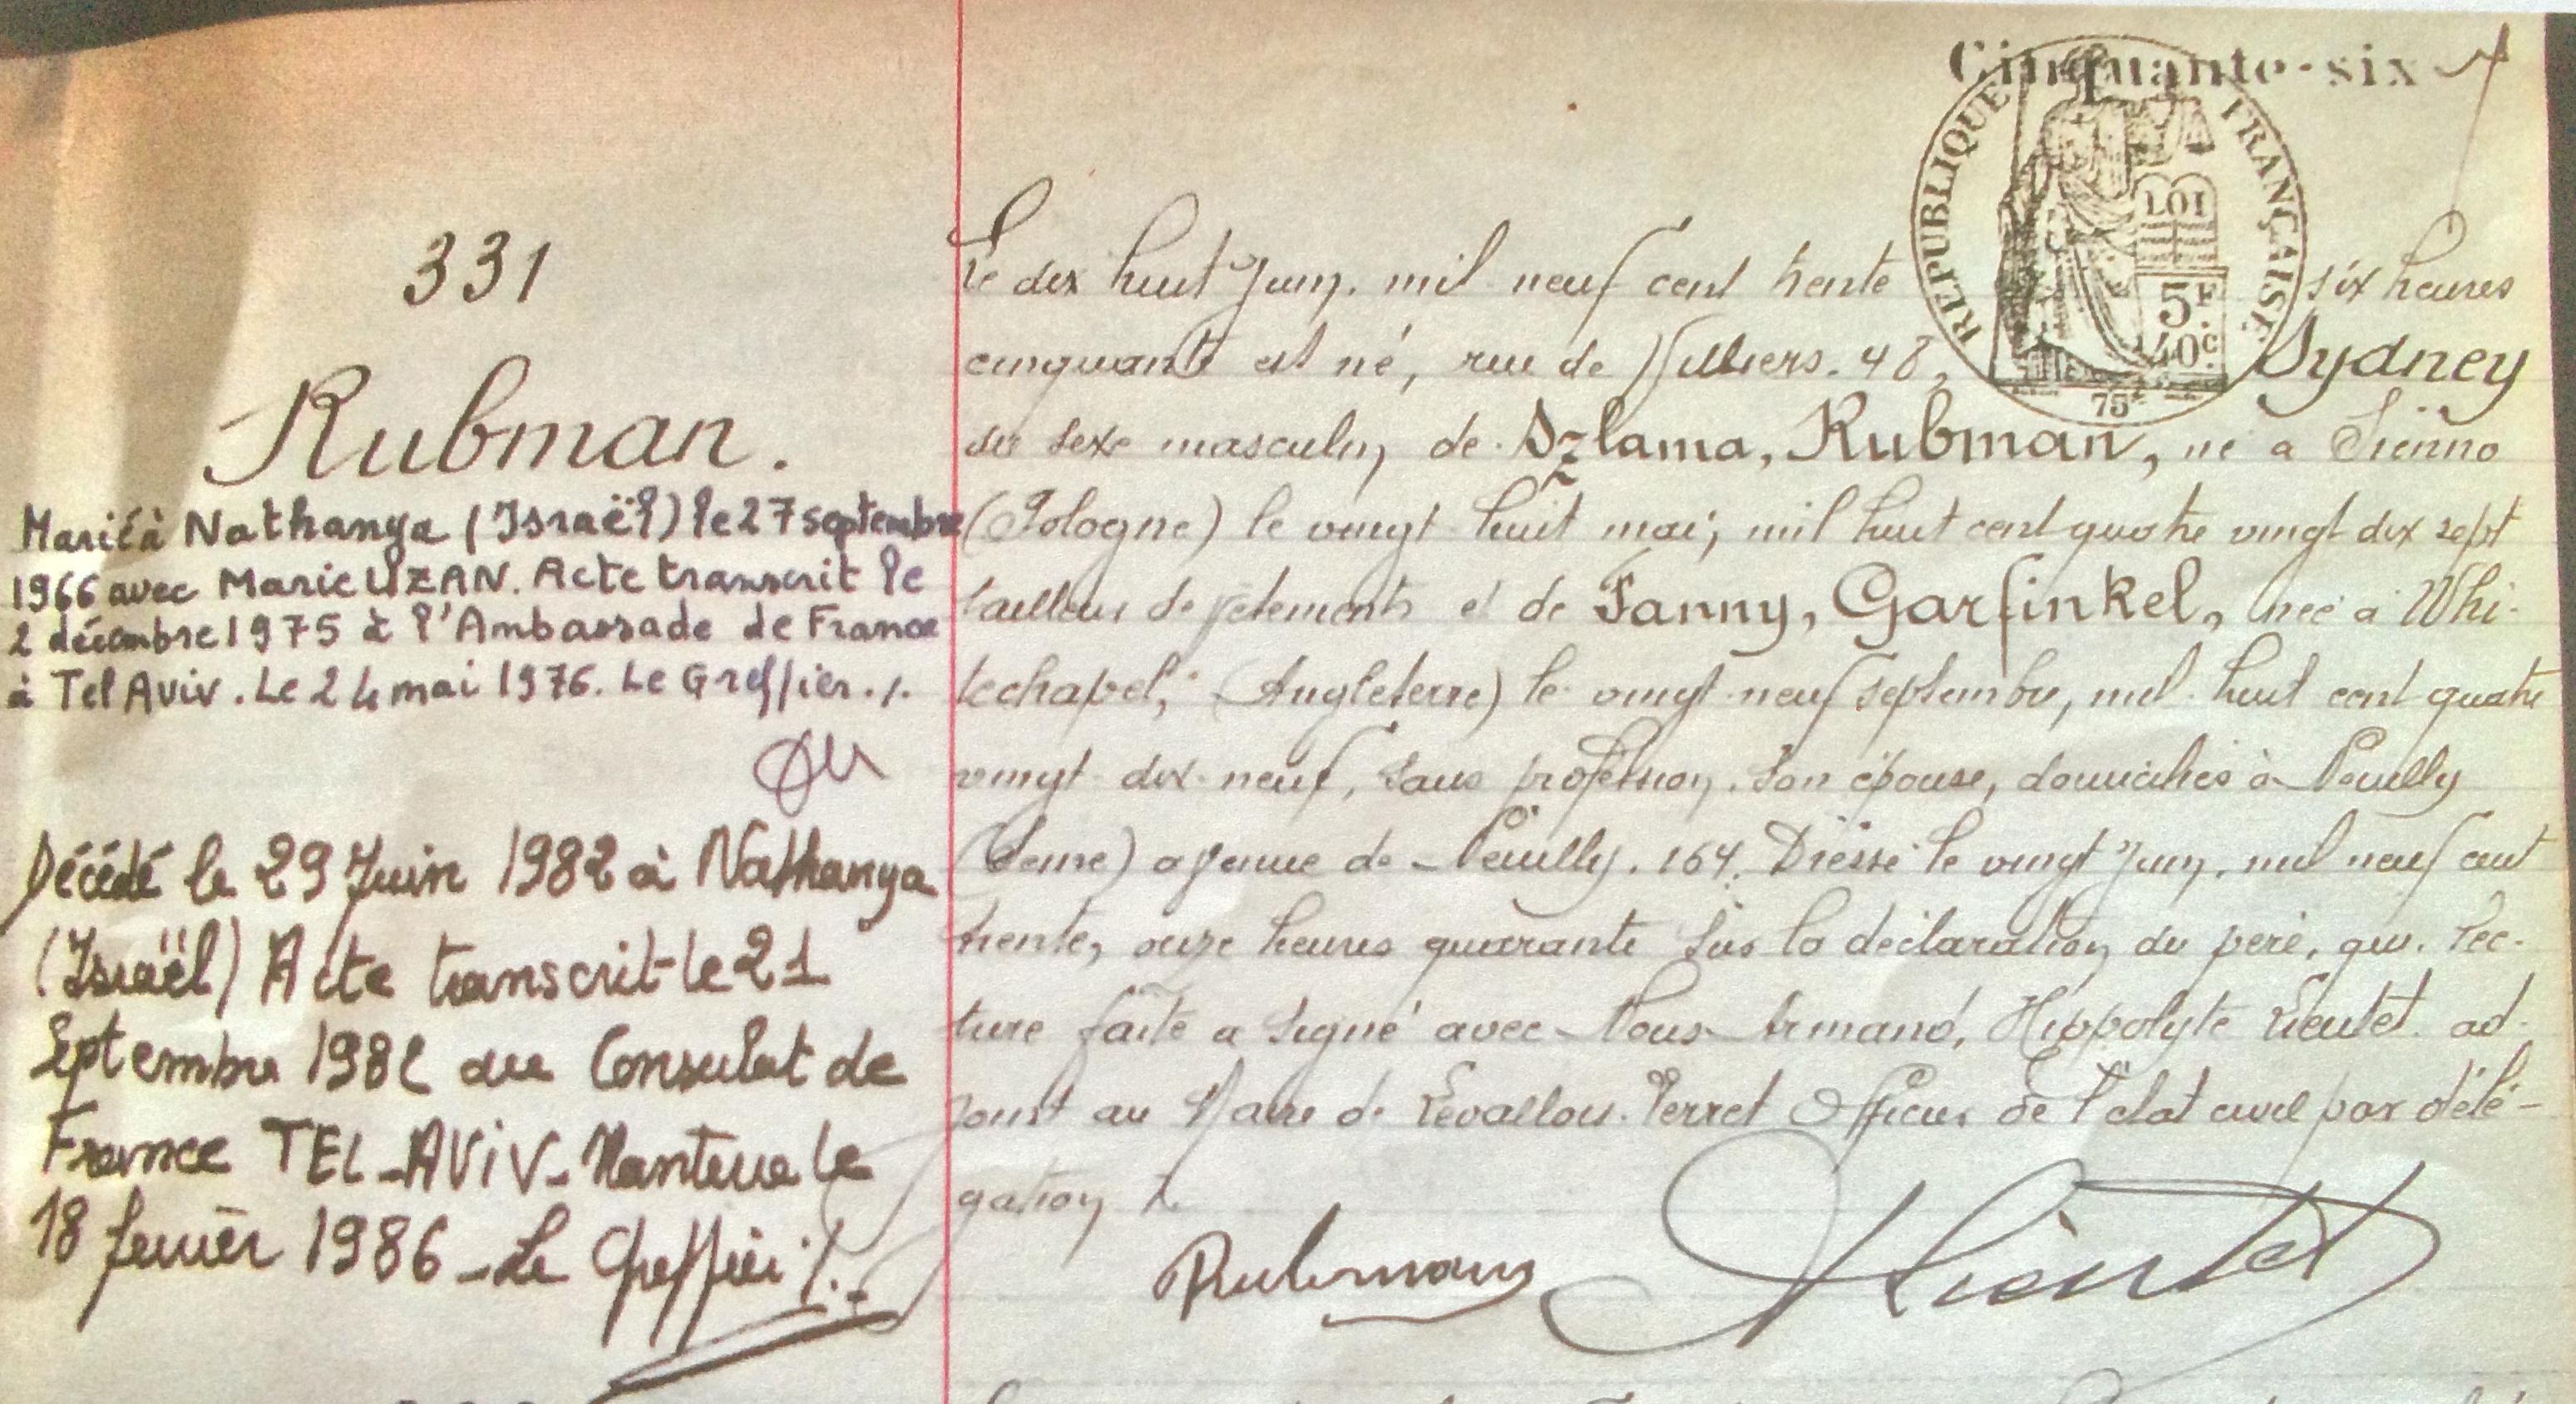 Acte de naissance deSydney RUBMAN [Archives des Hauts de Seine, 4E/LEV 192]